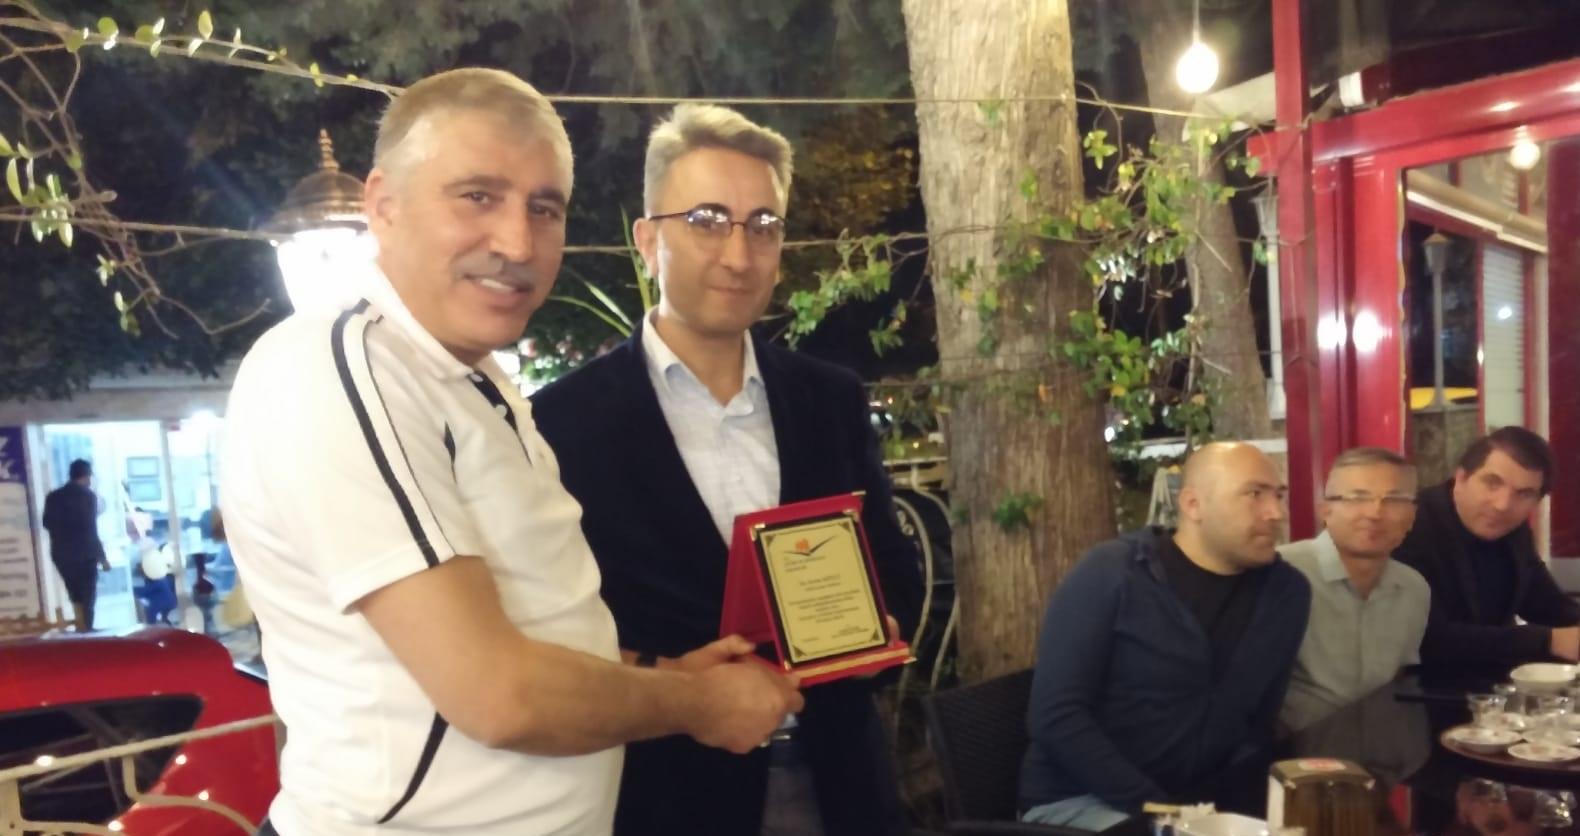 Mili Emlak Müdürü Sertan KÖYLÜ' ye Veda Yemeği Düzenlendi.